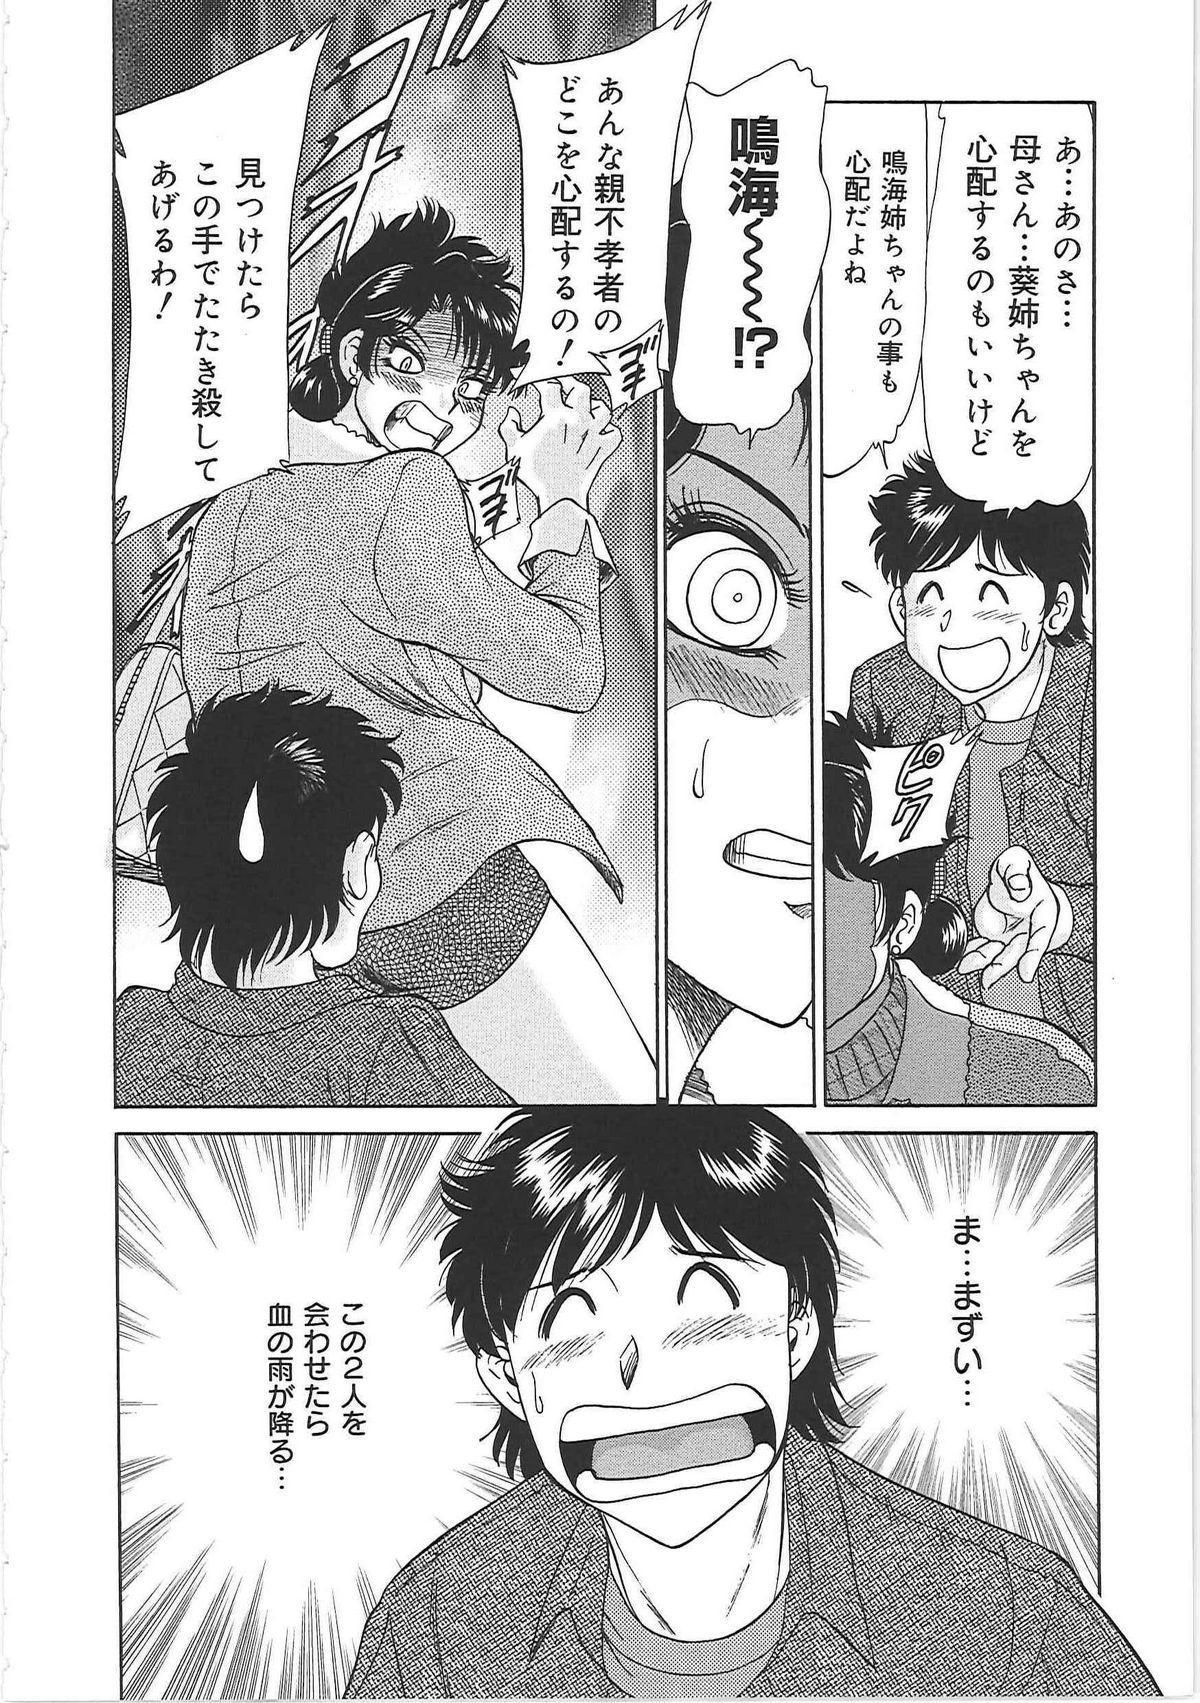 [Chanpon Miyabi] Cho-Onesan Tengoku 6 -Tenrakuhen- 19